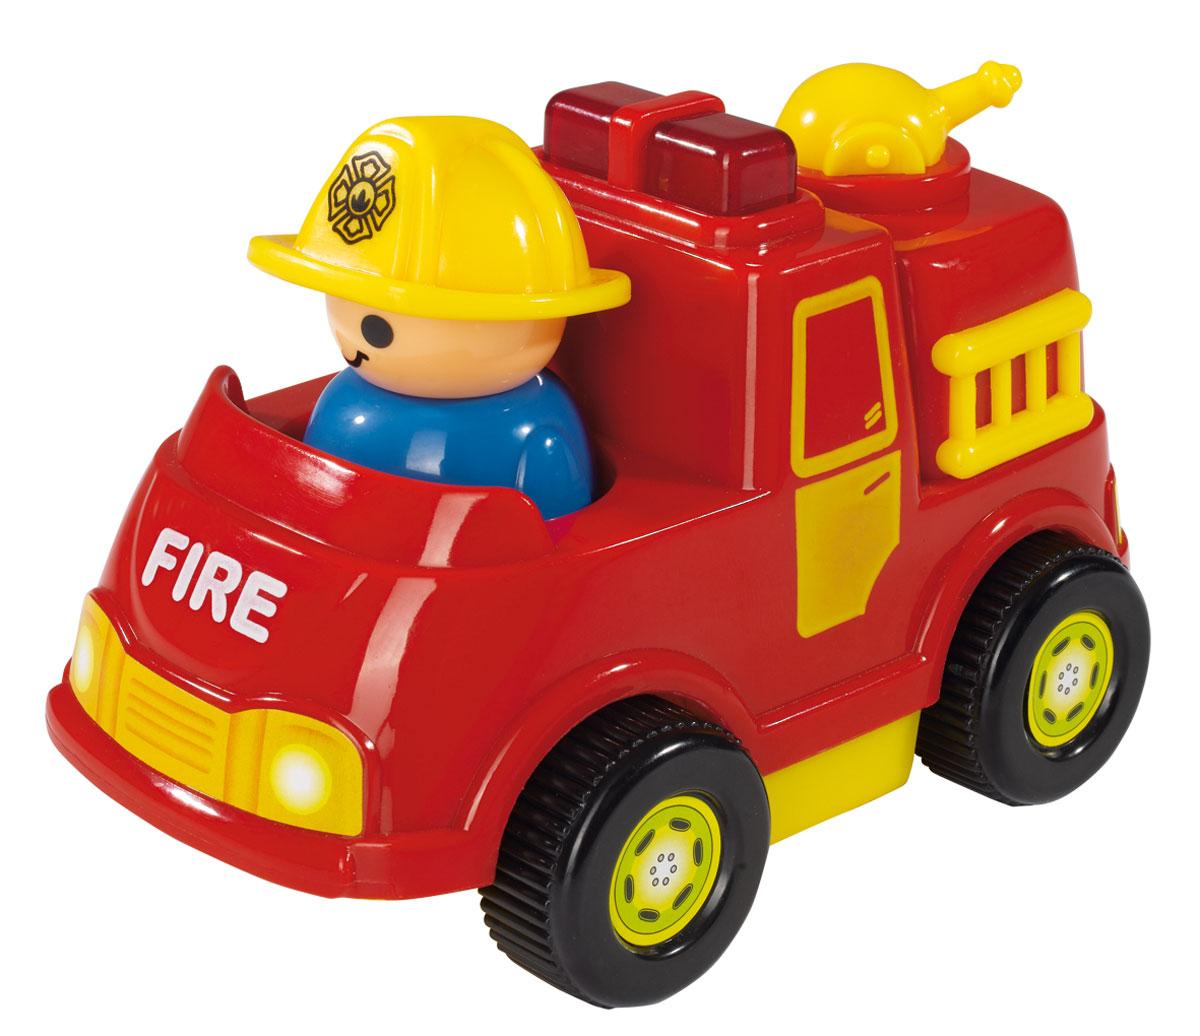 Simba Пожарная машина4019623_красныйМини-машинка Simba обязательно придется по душе вашему малышу. Игрушка представлена в виде яркой пожарной машинки с человечком в желтой каске. Машинка не имеет острых углов и мелких деталей и идеально подходит для детей от 12 месяцев. При нажатии на мигалку машины, срабатывают звуковые и световые эффекты, а при движении машинки, фигурка человечка начинает покачиваться из стороны в сторону. Такая игрушка способствует развитию у малыша тактильных ощущений, мелкой моторики рук и координации движений. Рекомендуется докупить 2 батарейки напряжением 1,5V типа АА (товар комплектуется демонстрационными).